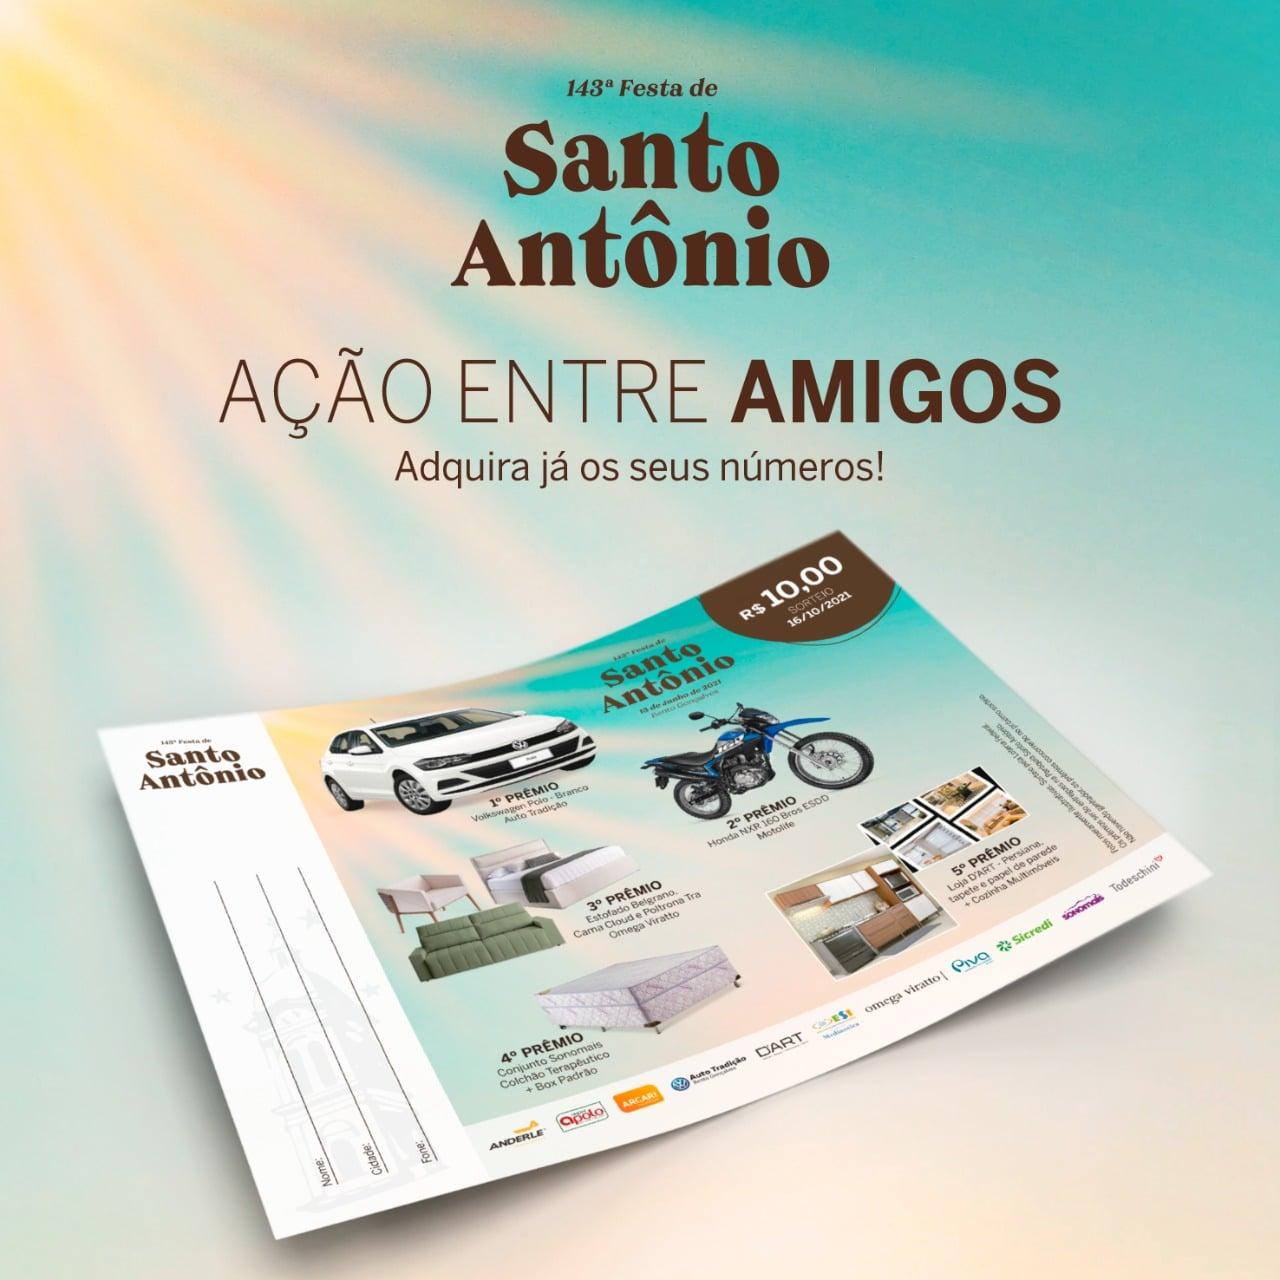 Último mês para a comunidade adquirir a Ação entre Amigos da 143ª Festa de Santo Antônio